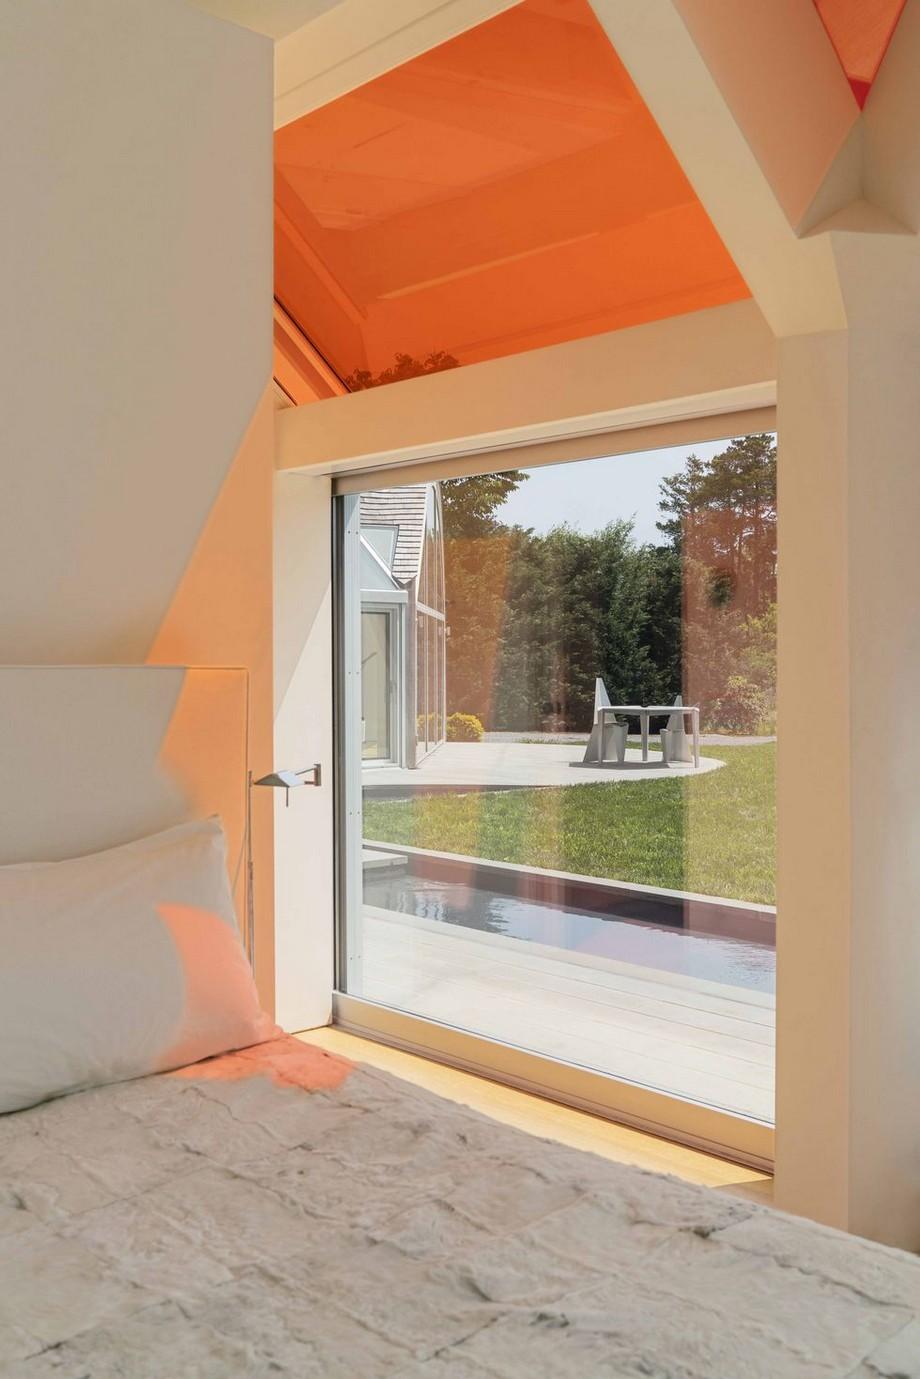 Cạnh giường ngủ là chiếc cửa sổ nhỏ và phía trên là cửa kính màu đỏ hắt ánh sáng đỏ cho không gian